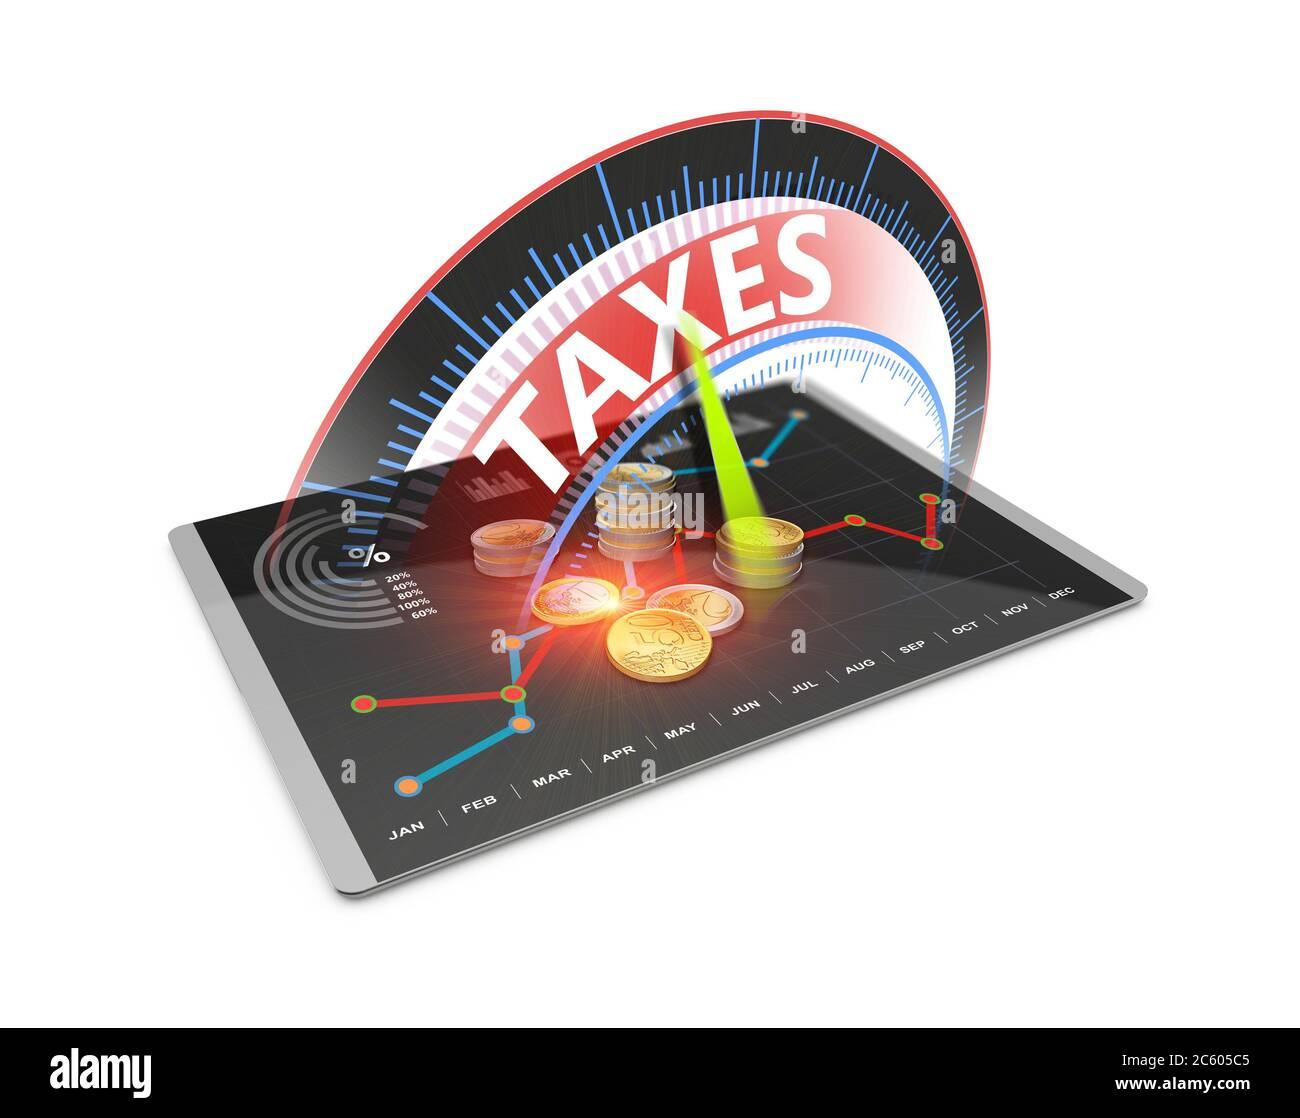 Economía tributaria reembolso de dinero como concepto. Tiempo para pagar impuestos, contabilidad, declaración de impuestos, banca 3D Ilustración. Foto de stock